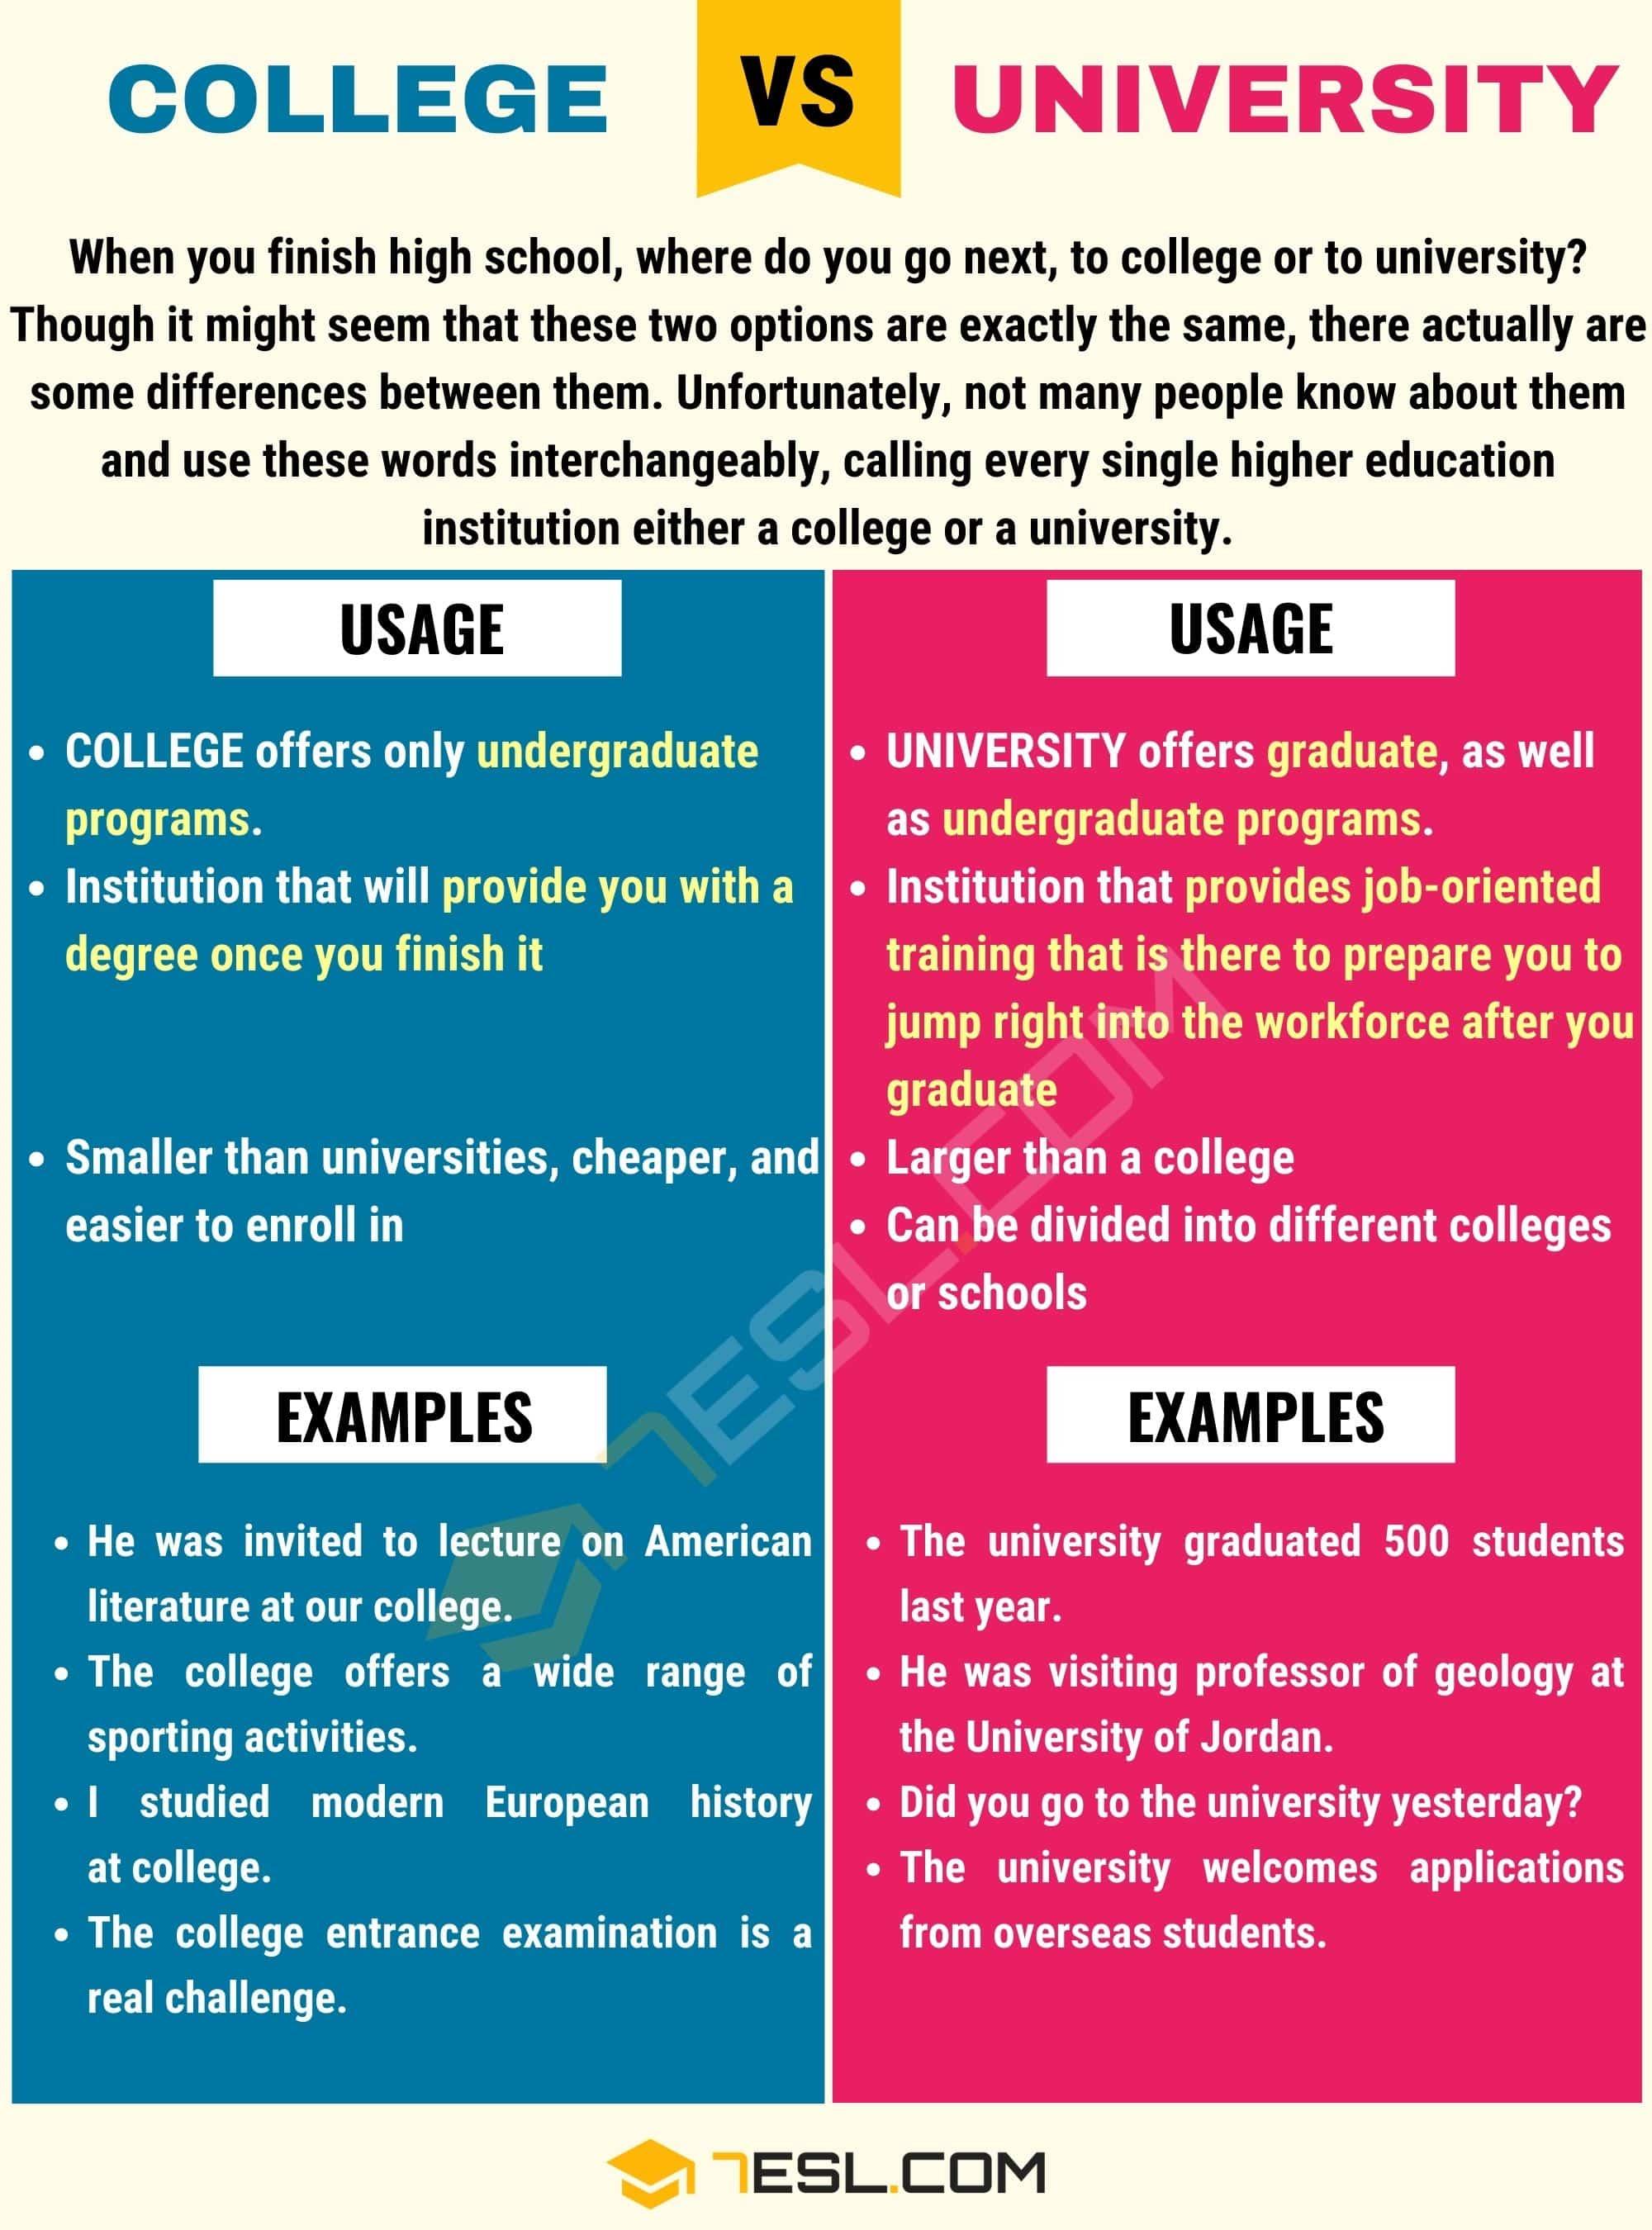 College vs. University